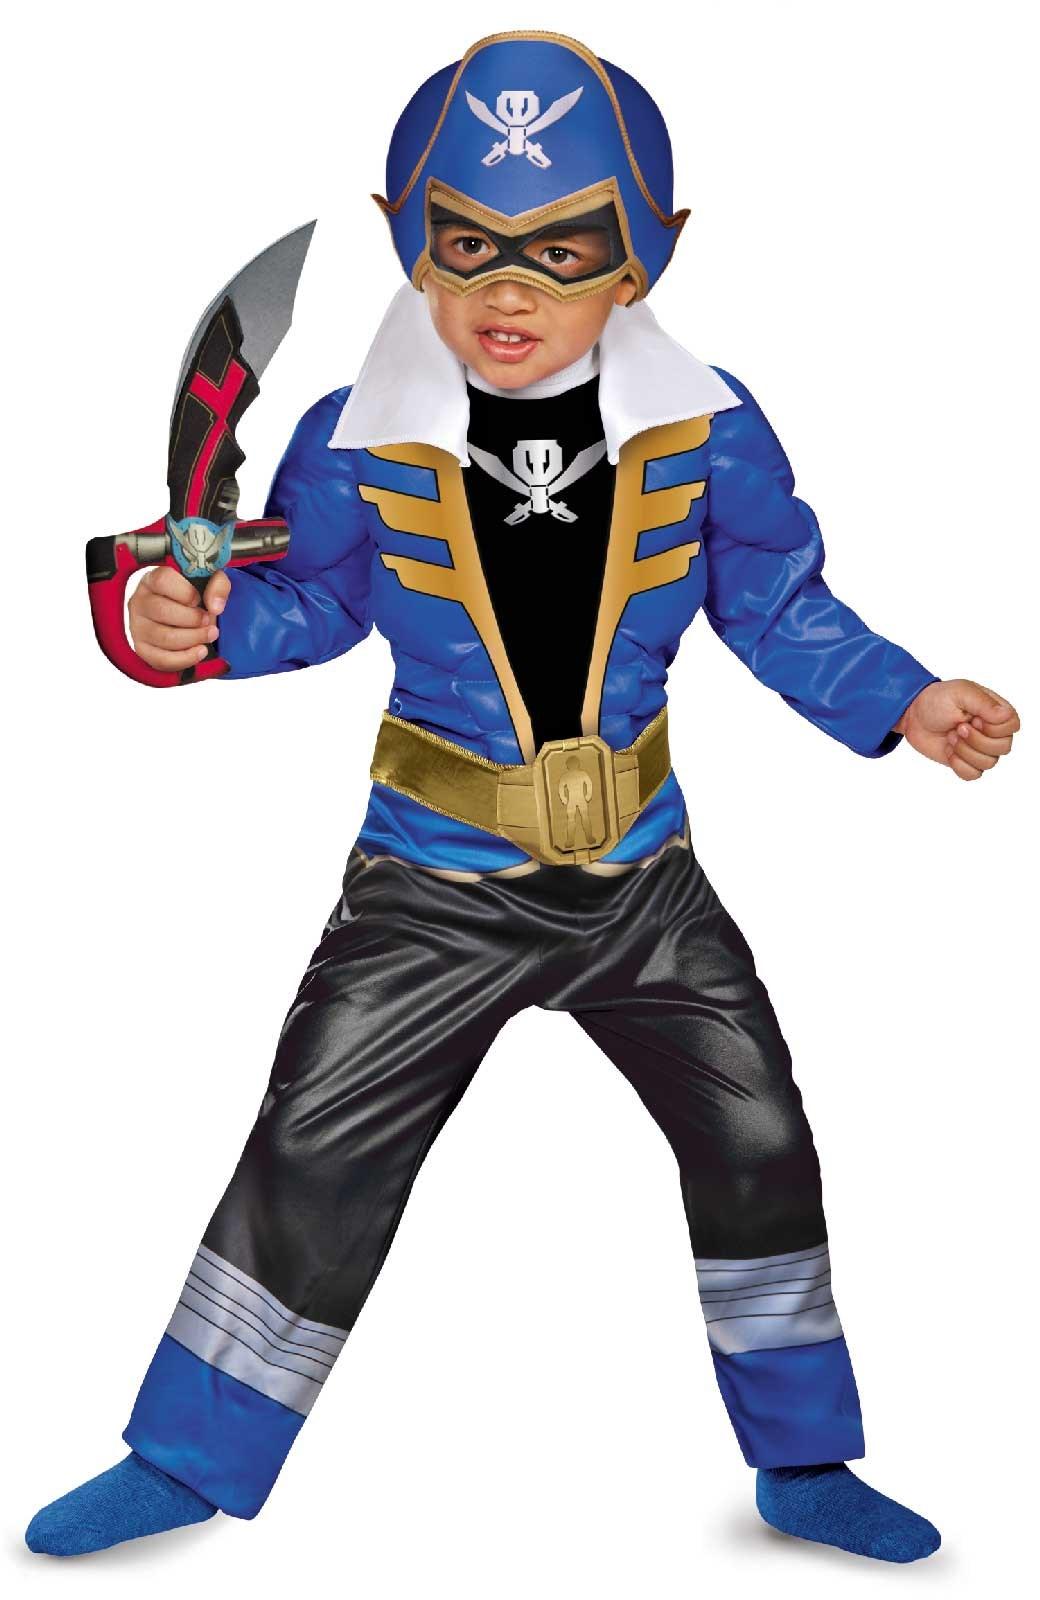 Power Ranger Super Megaforce Blue Ranger Toddler / Child Muscle Costume